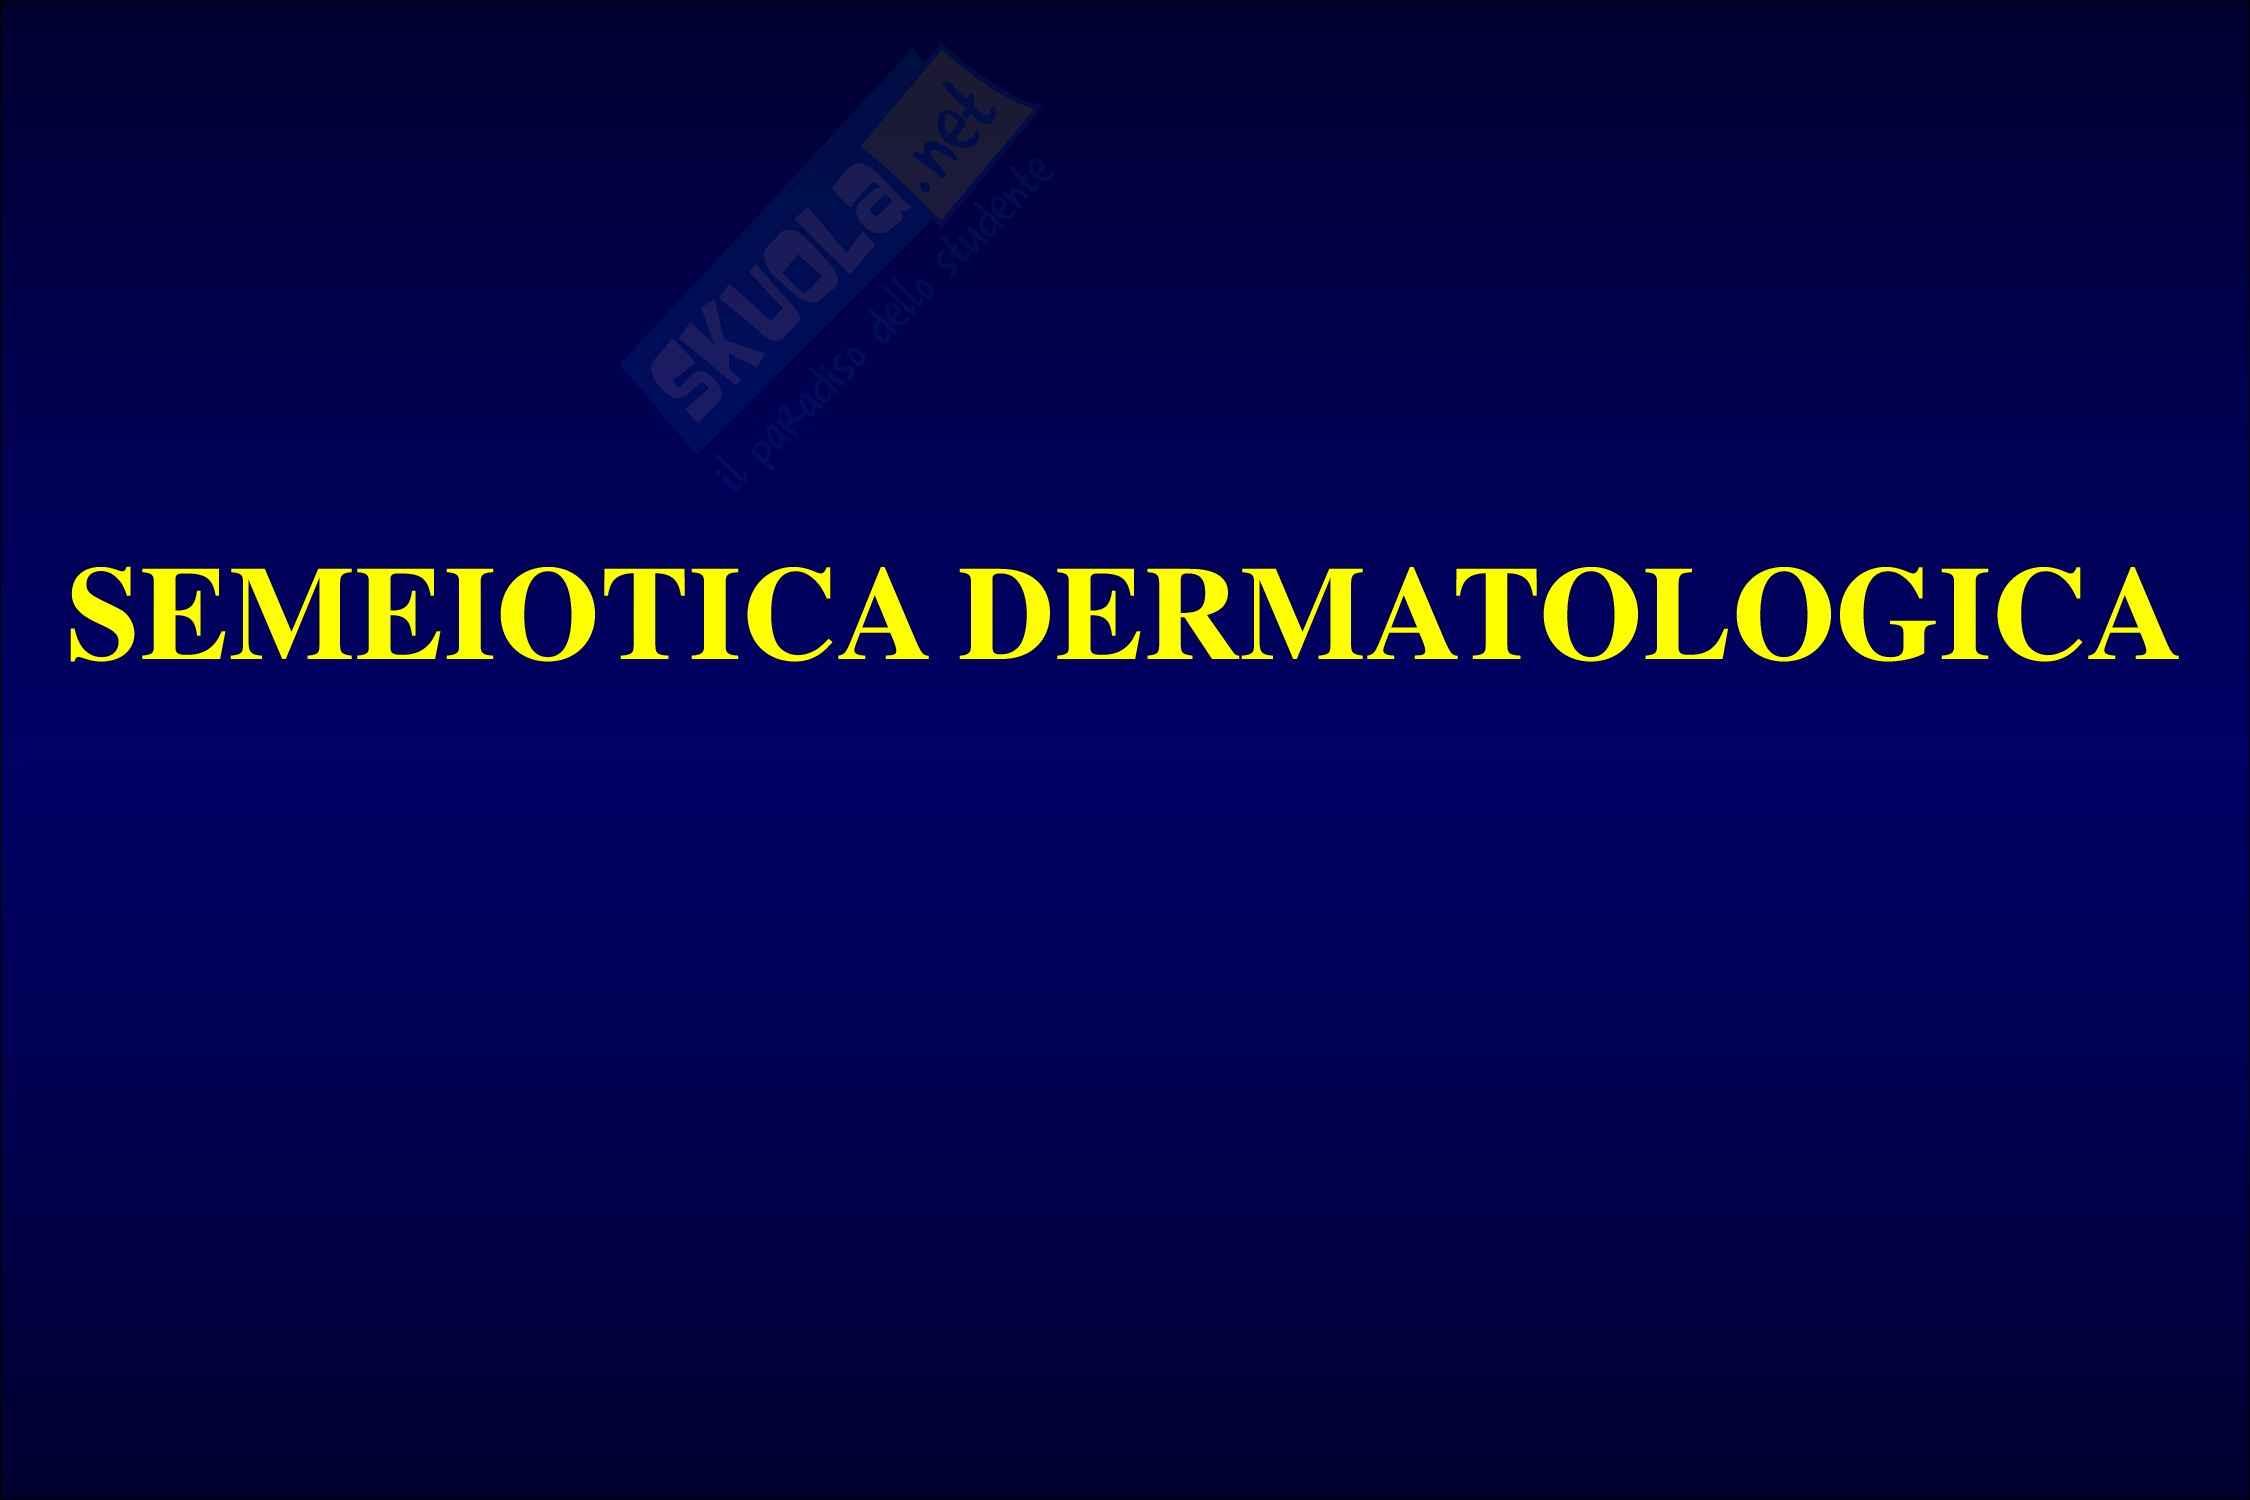 Semeiotica dermatologica Pag. 6